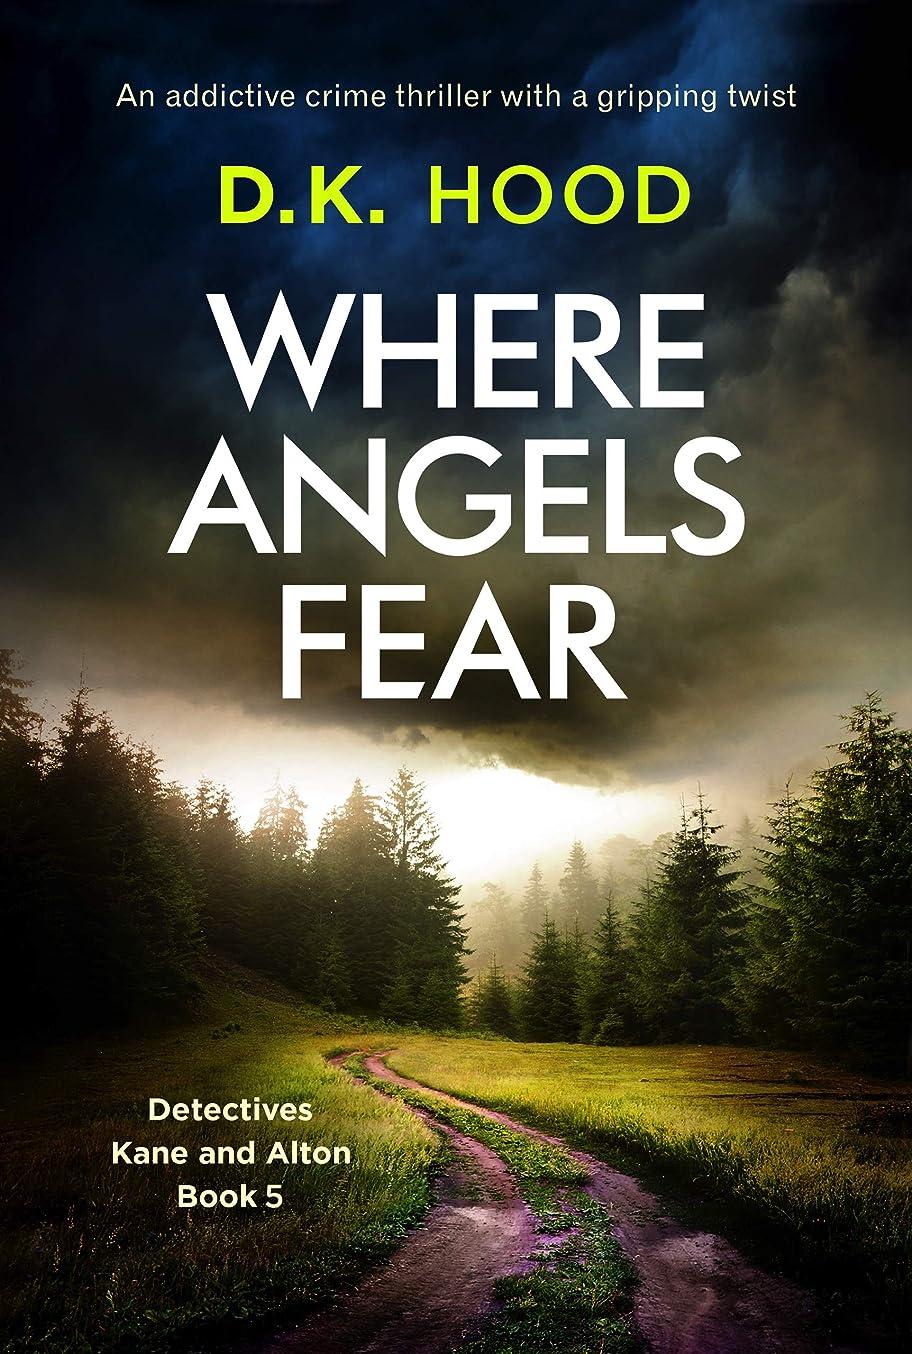 霧立場口述Where Angels Fear: An addictive crime thriller with a gripping twist (Detectives Kane and Alton Book 5) (English Edition)